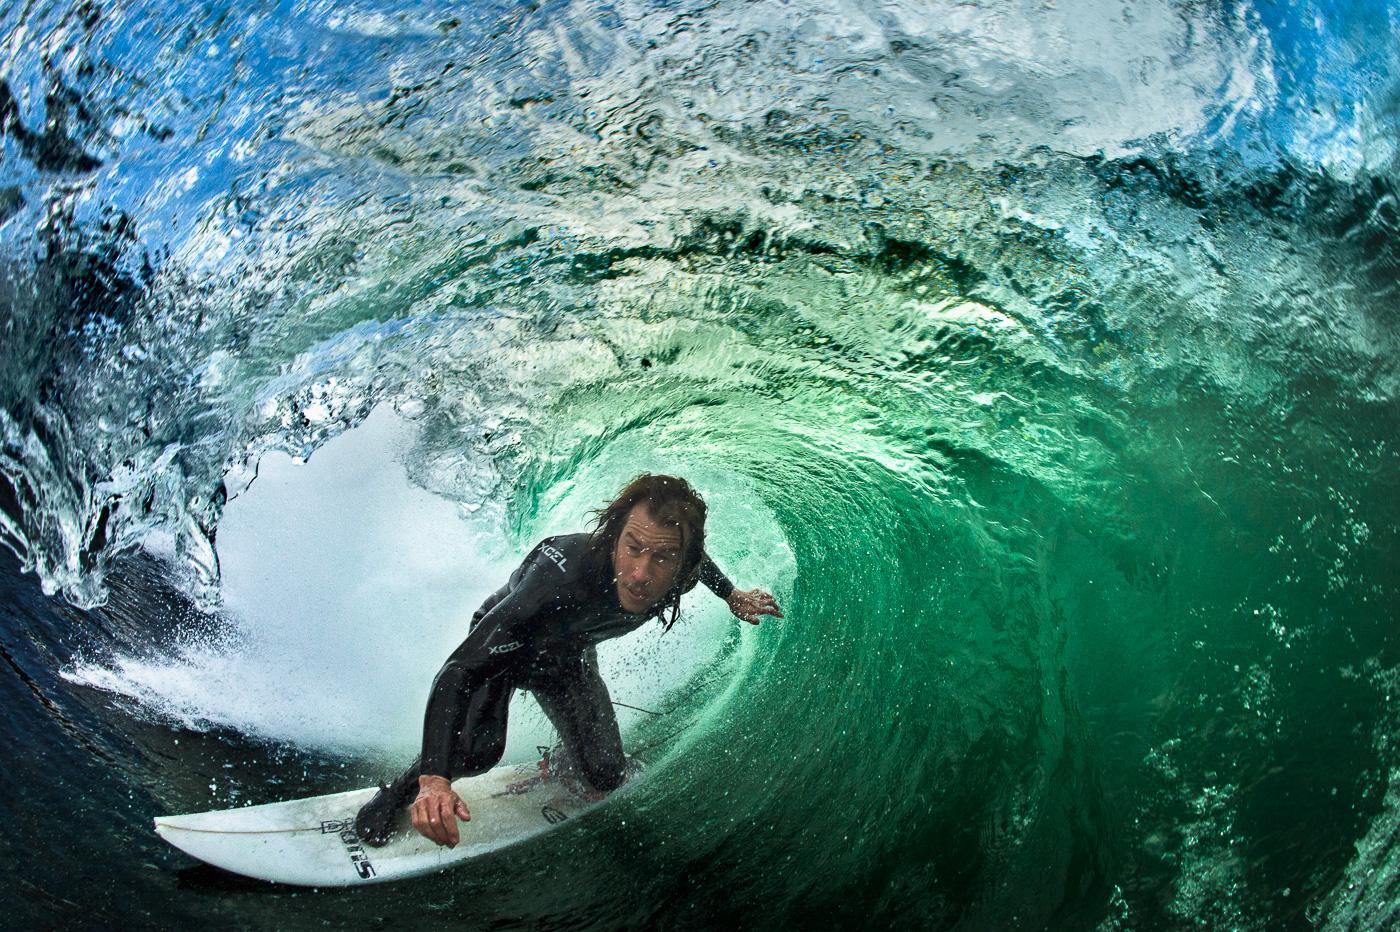 noah lane surfing ireland